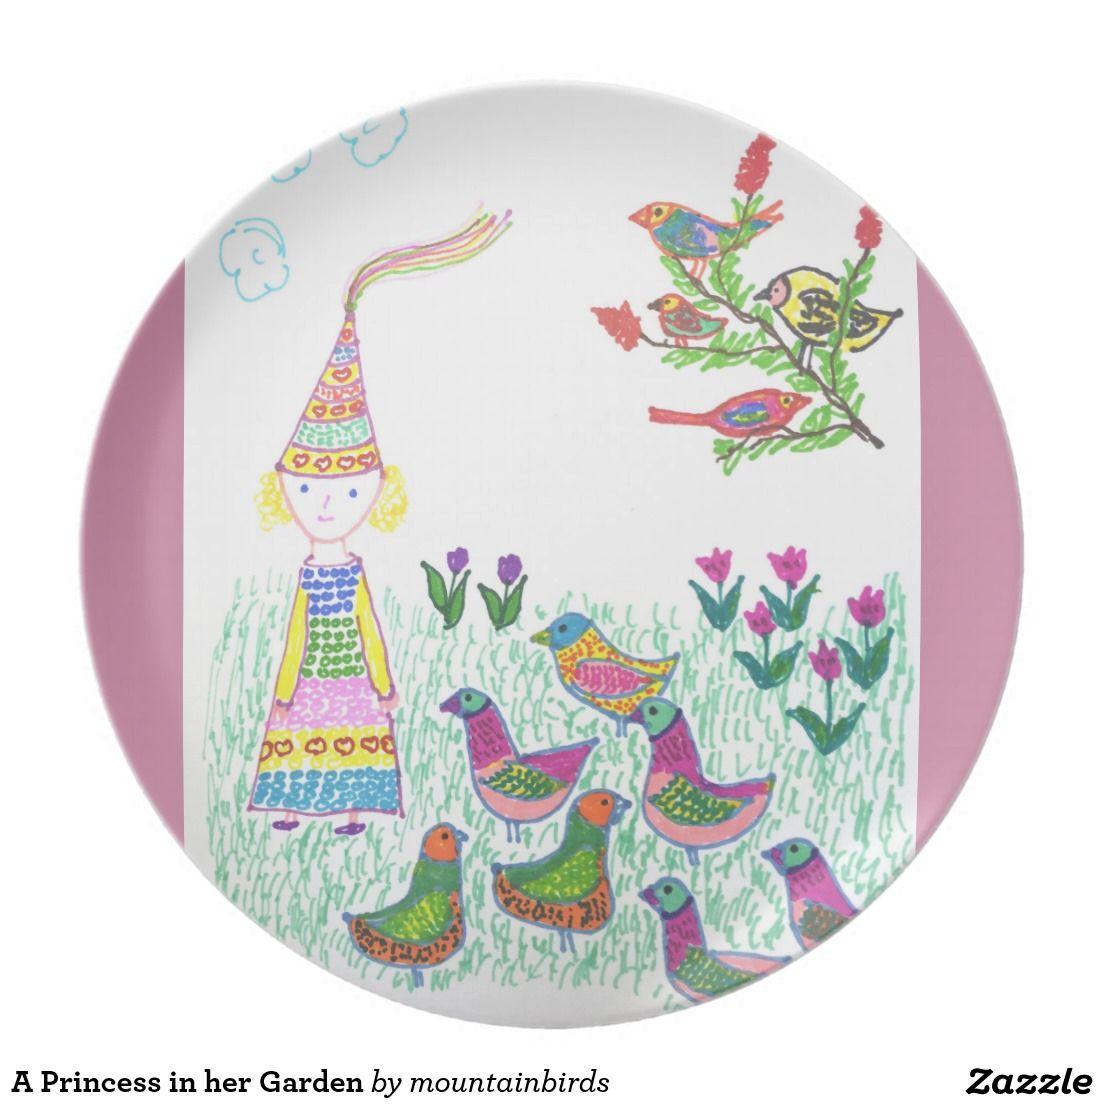 Sentimental Wedding Gift Ideas: A Princess In Her Garden Dinner Plate